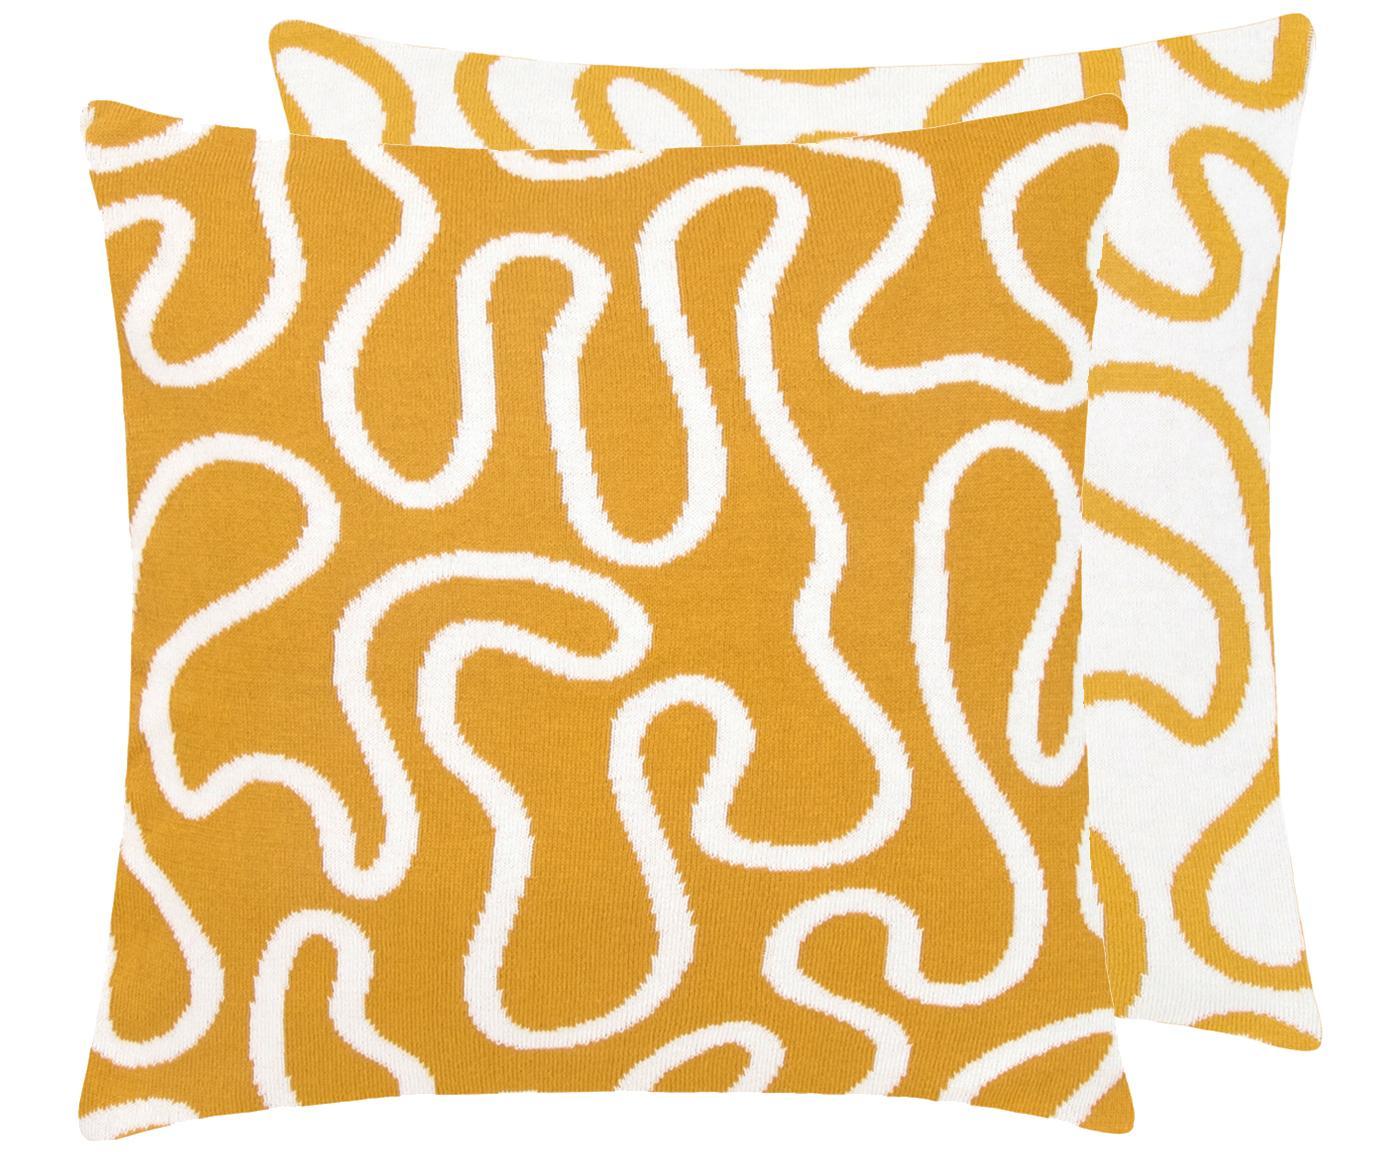 Dwustronna poszewka na poduszkę  z cienkiej dzianiny Amina, Bawełna, Żółty/biały, S 40 x D 40 cm